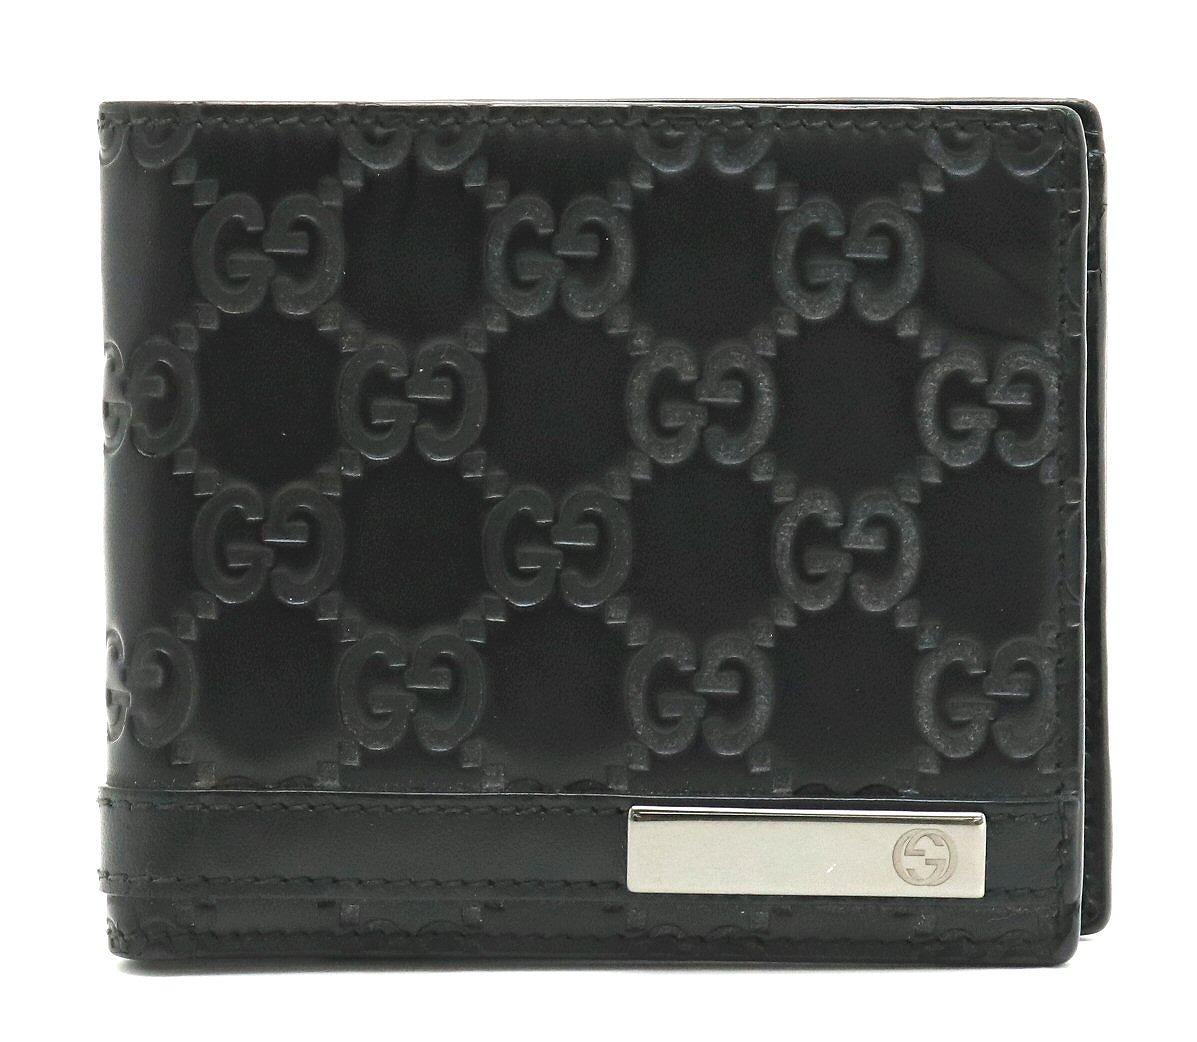 【財布】GUCCI グッチ グッチシマ ロゴプレート 2つ折財布 メンズ レザー ブラック 黒 365481 【中古】